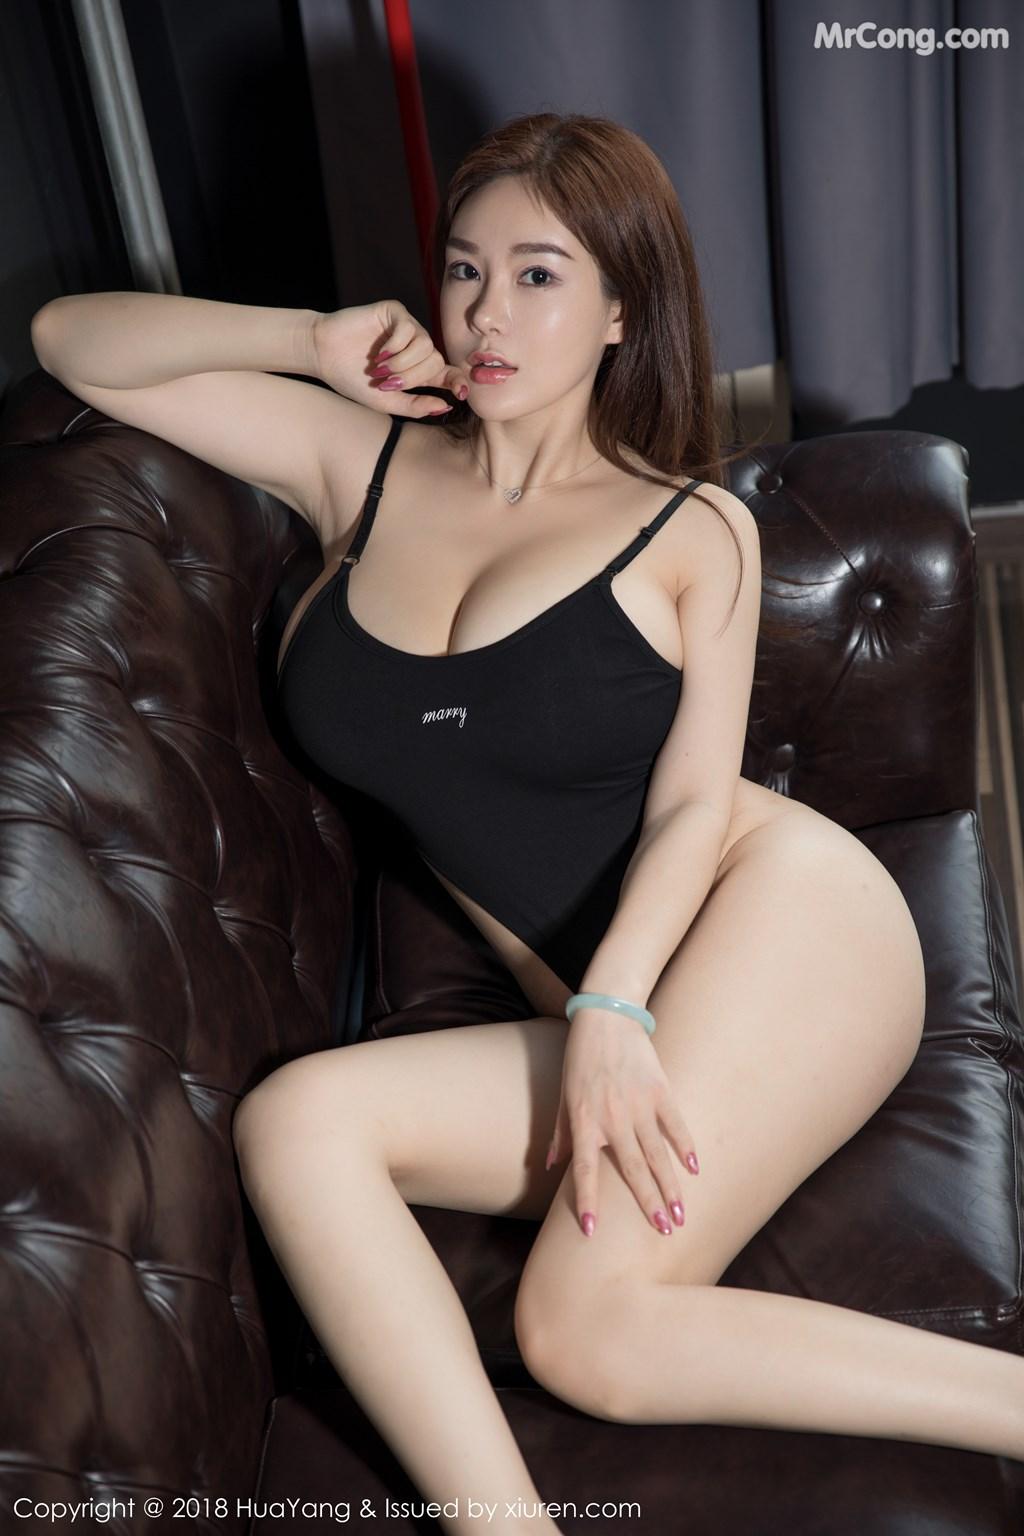 Image HuaYang-2018-08-09-Vol.068-Silvia-MrCong.com-003 in post HuaYang 2018-08-09 Vol.068: Người mẫu 易阳Silvia (41 ảnh)